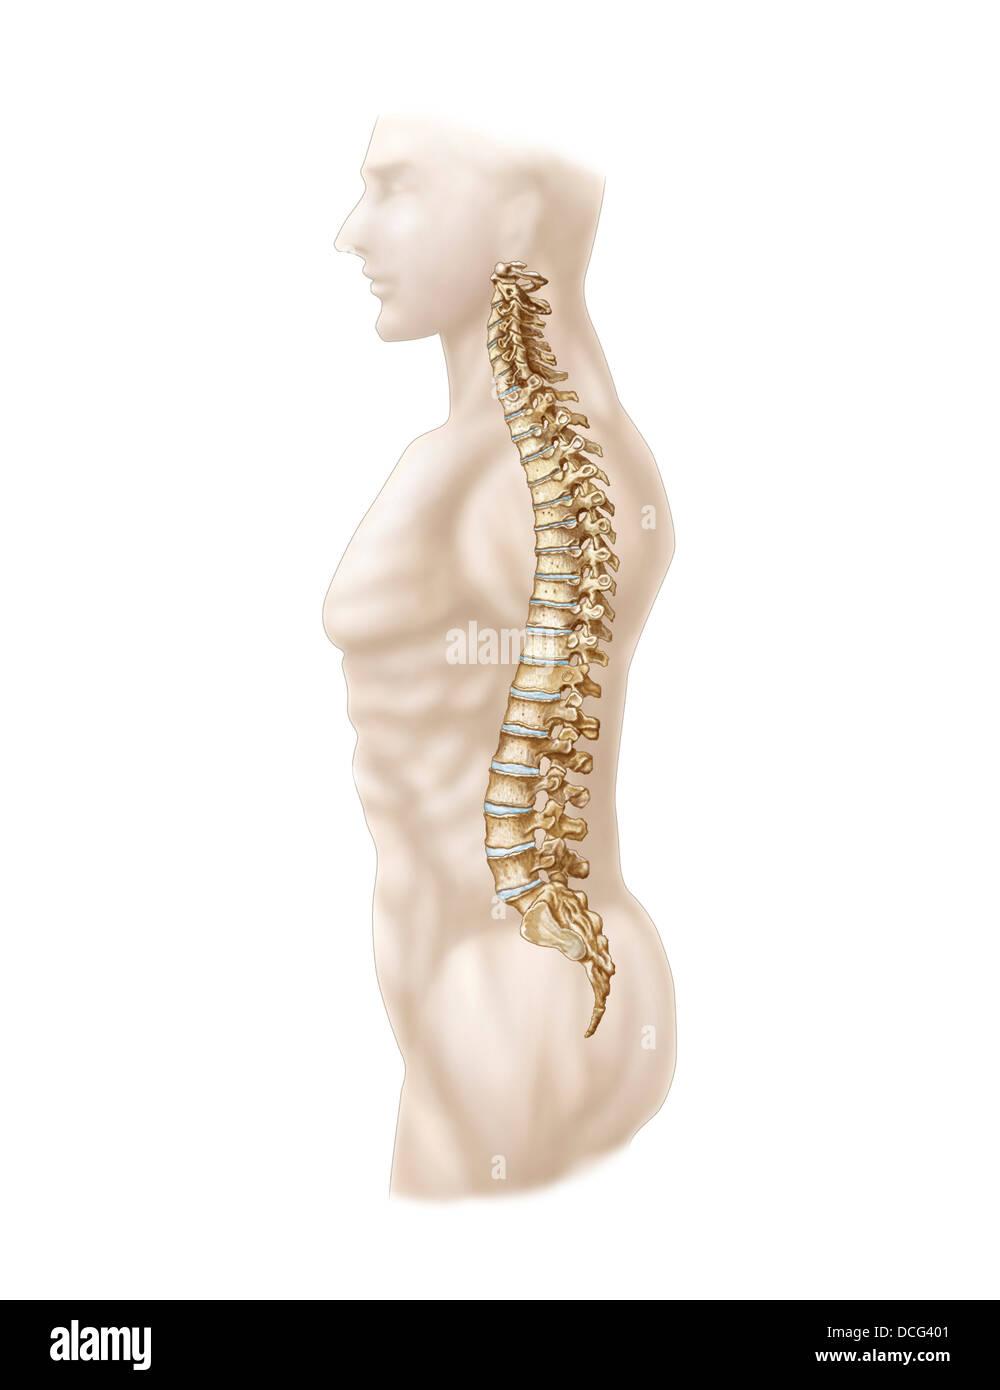 Anatomie der menschlichen Wirbelsäule, Linke Seitenansicht Stockfoto ...